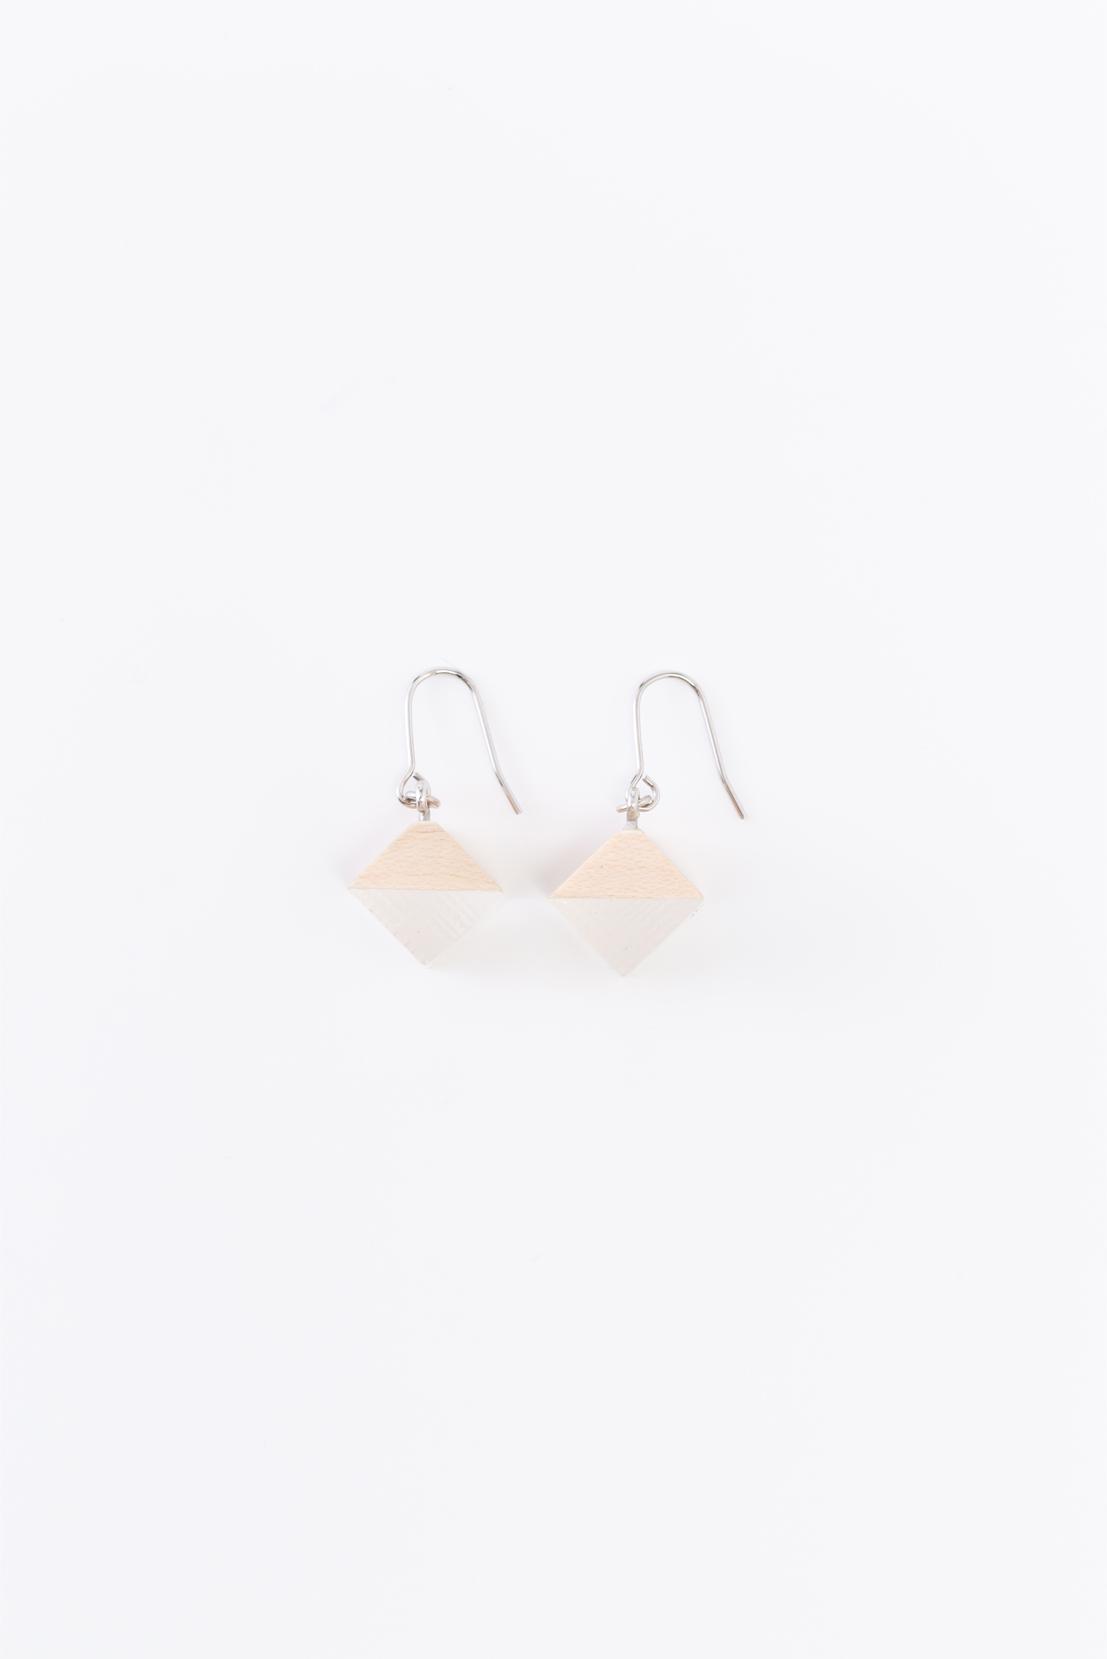 KITOKIRIKO Earrings(Nanako)